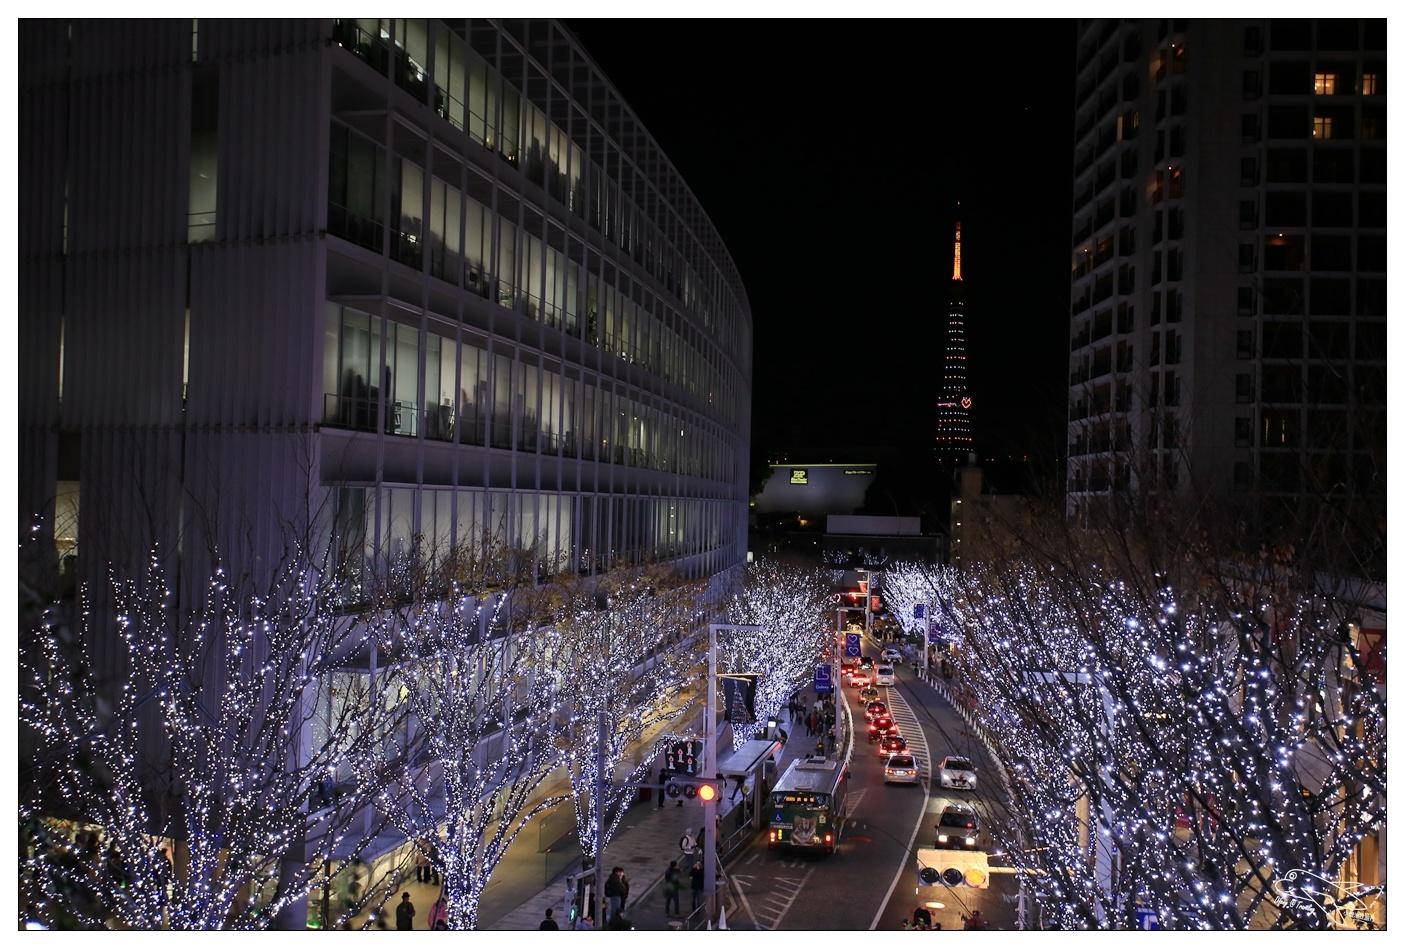 東京耶誕景點 六本木hills聖誕點燈經典場景、溫馨聖誕市集~Roppongi Hills Artelligent Christmas 2016